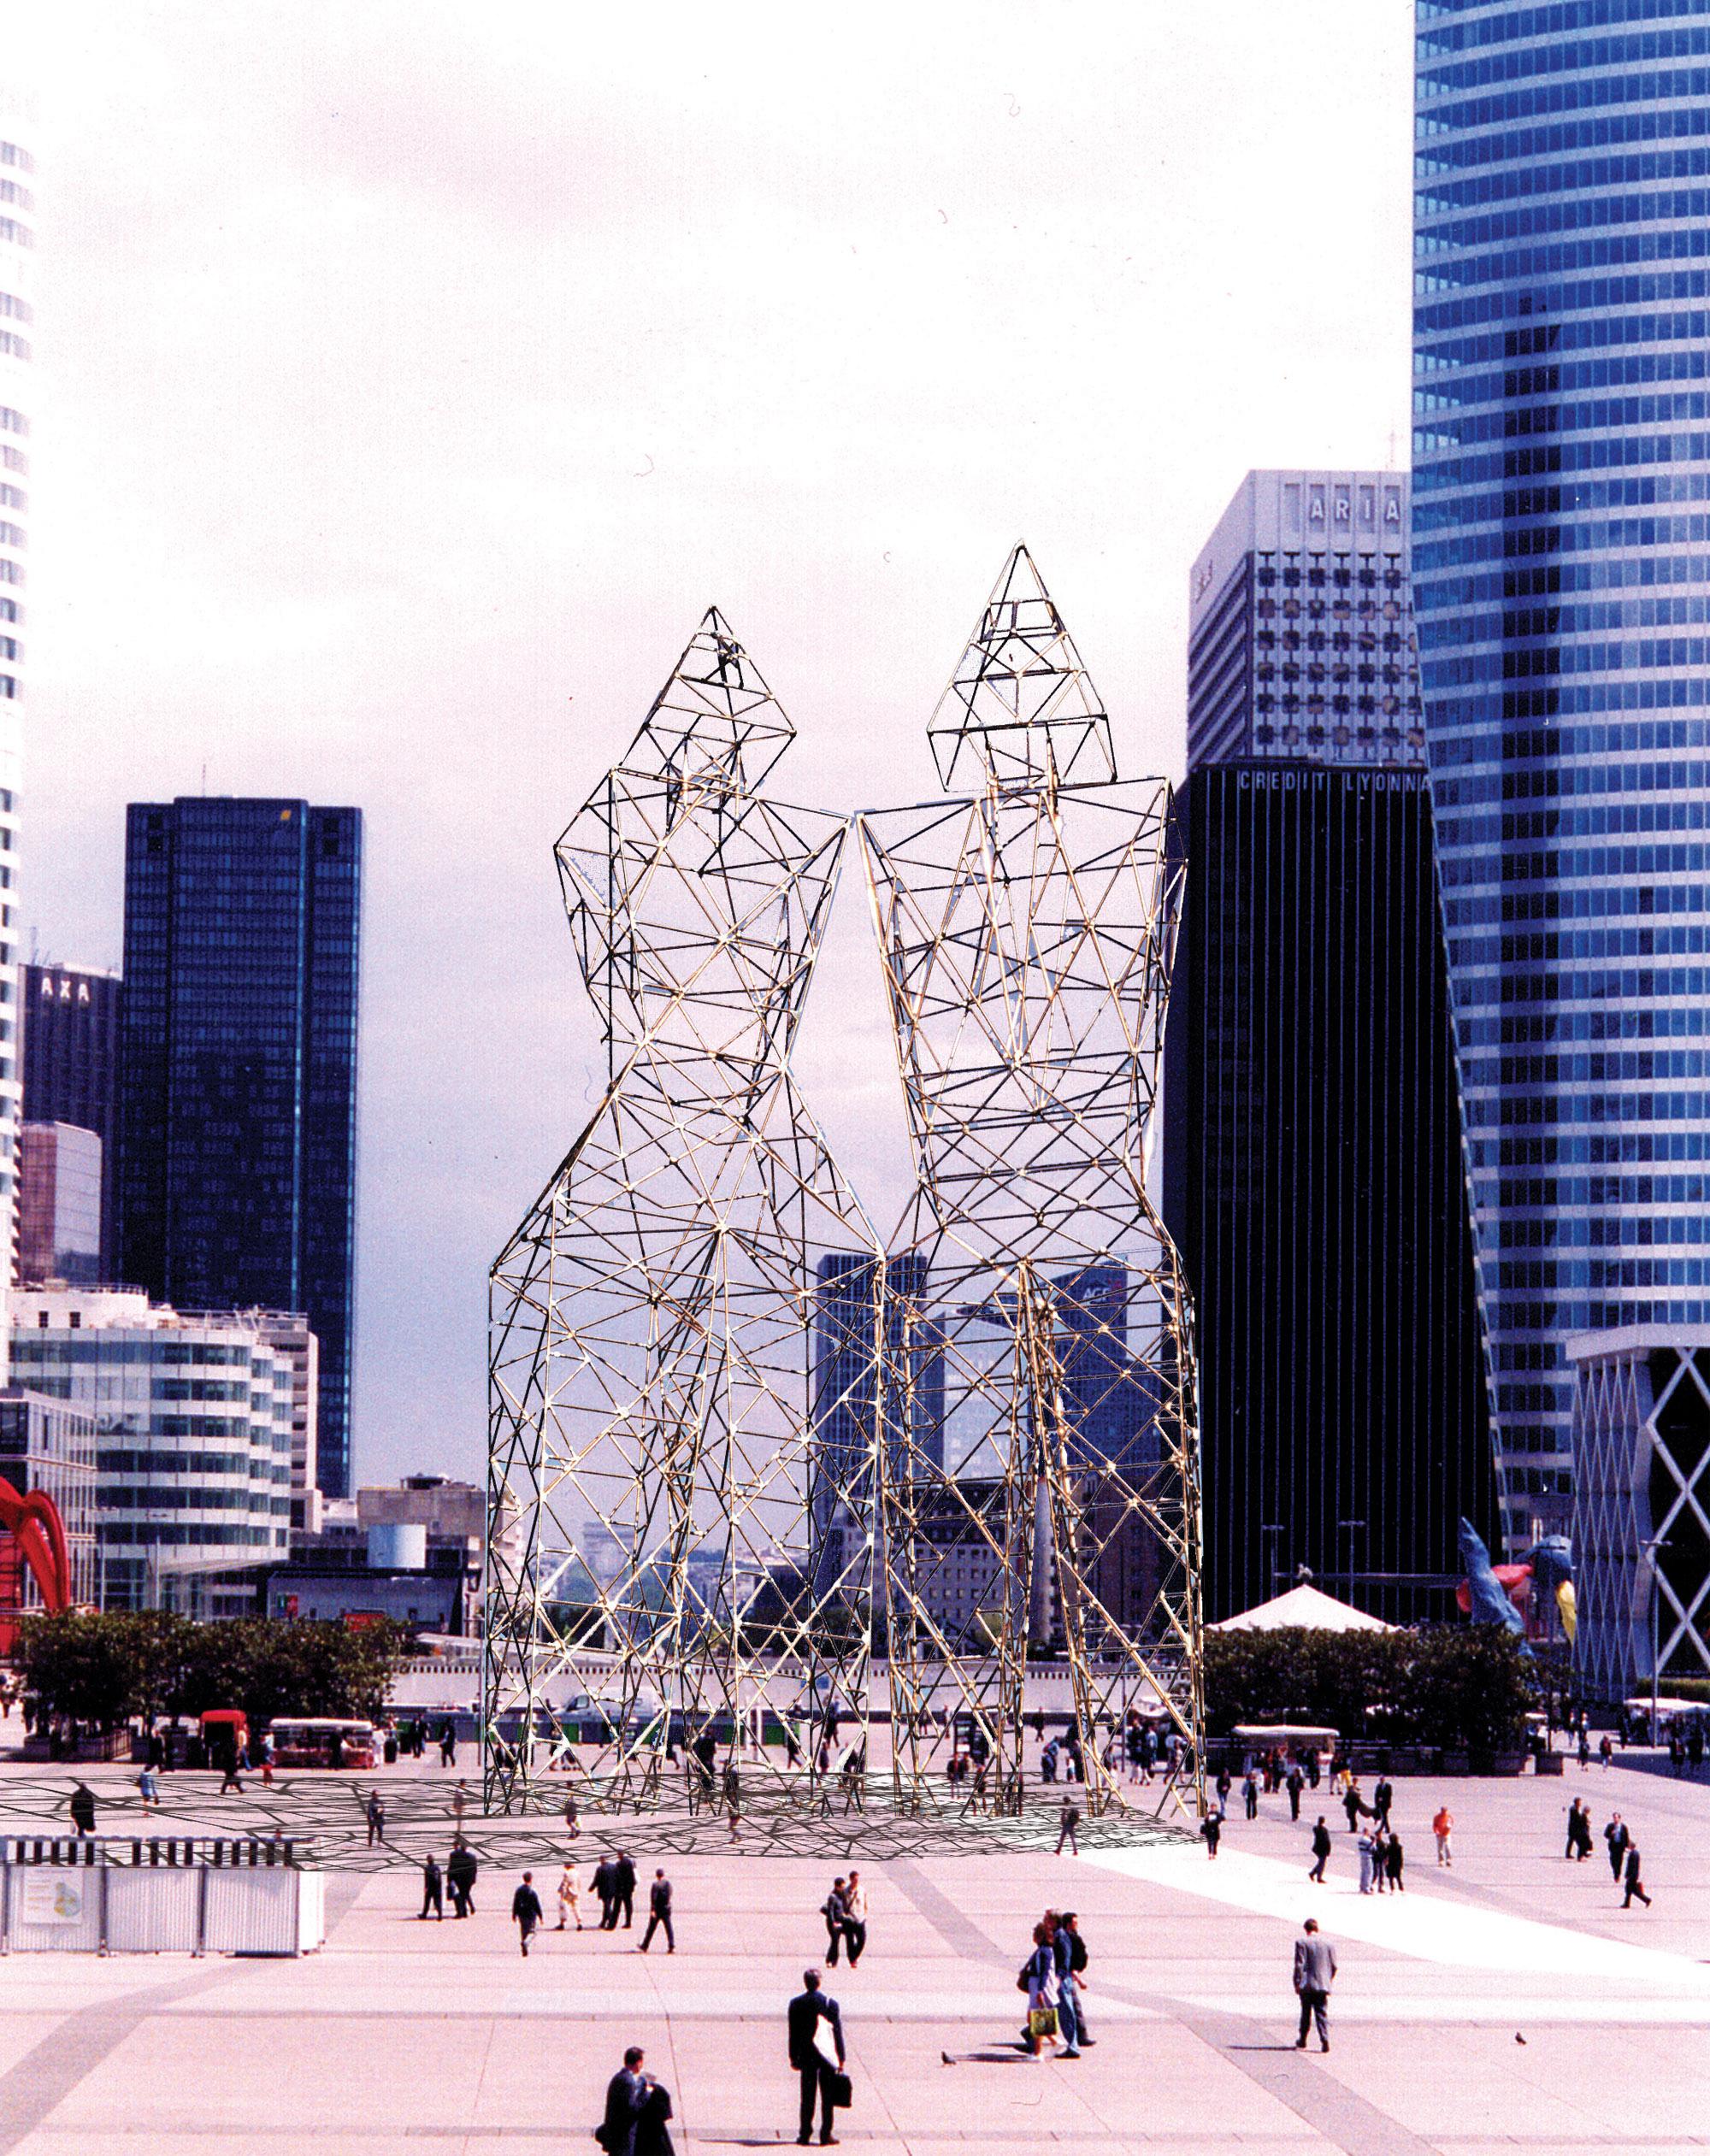 Humanoid pylons, project for La Defense, Paris